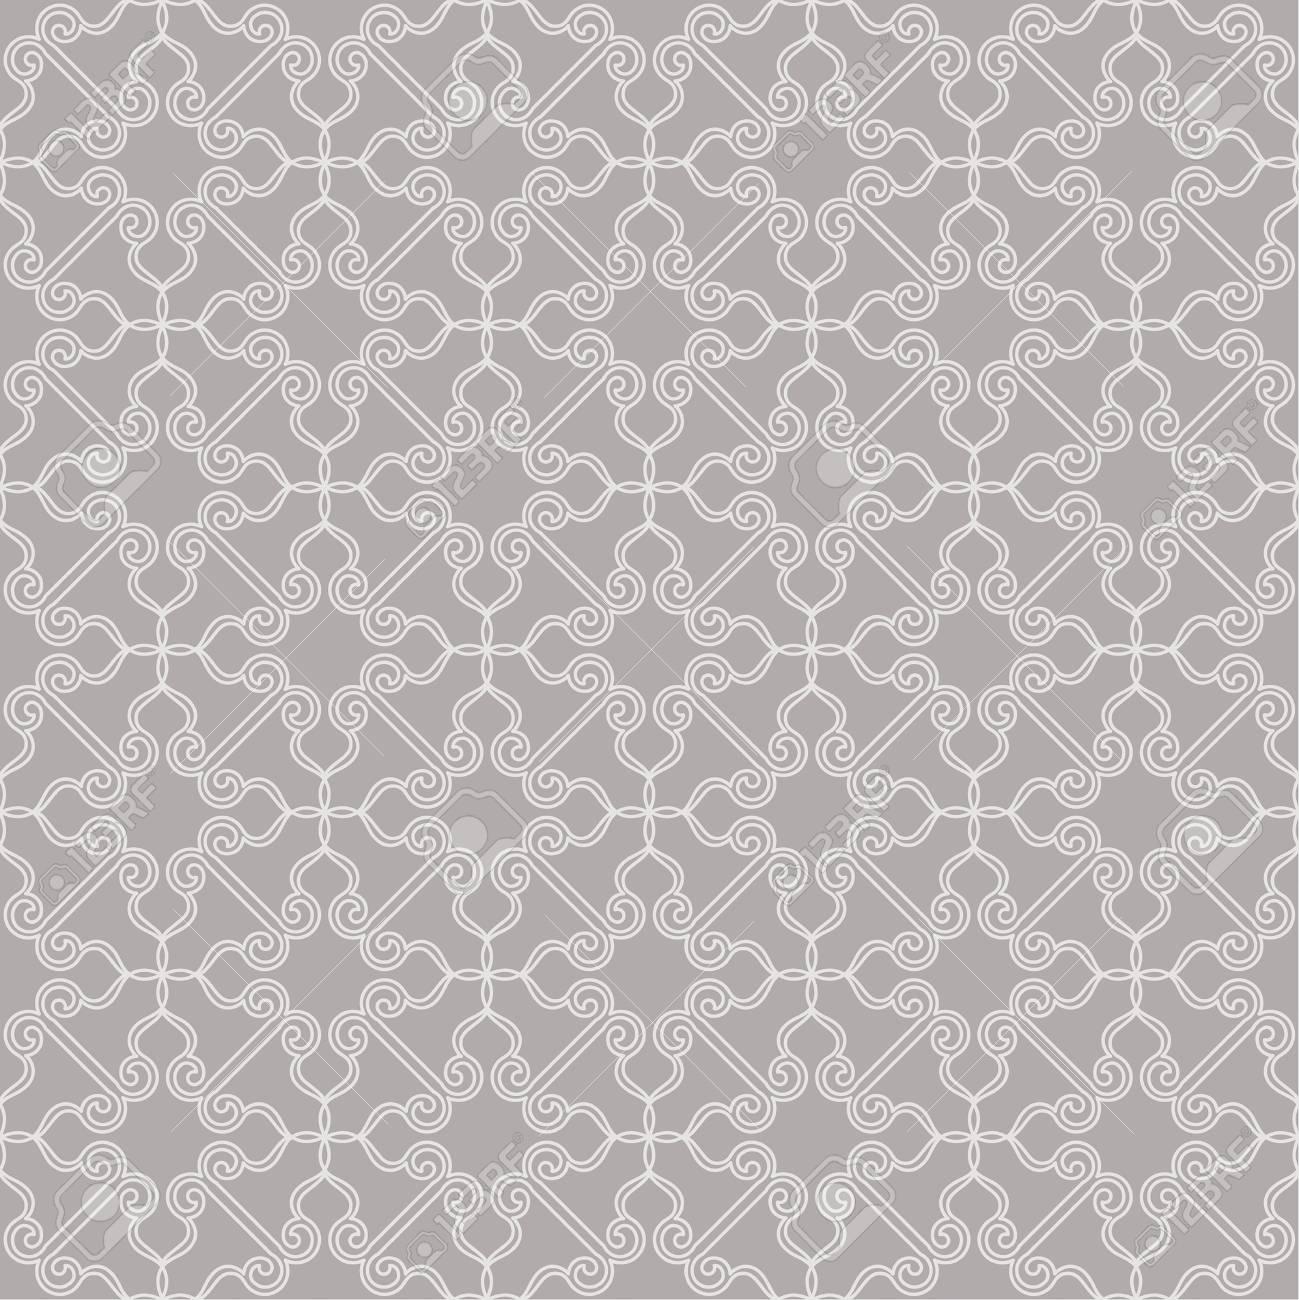 Patrón Transparente De Vector. Repetición De Textura Elegante De ...